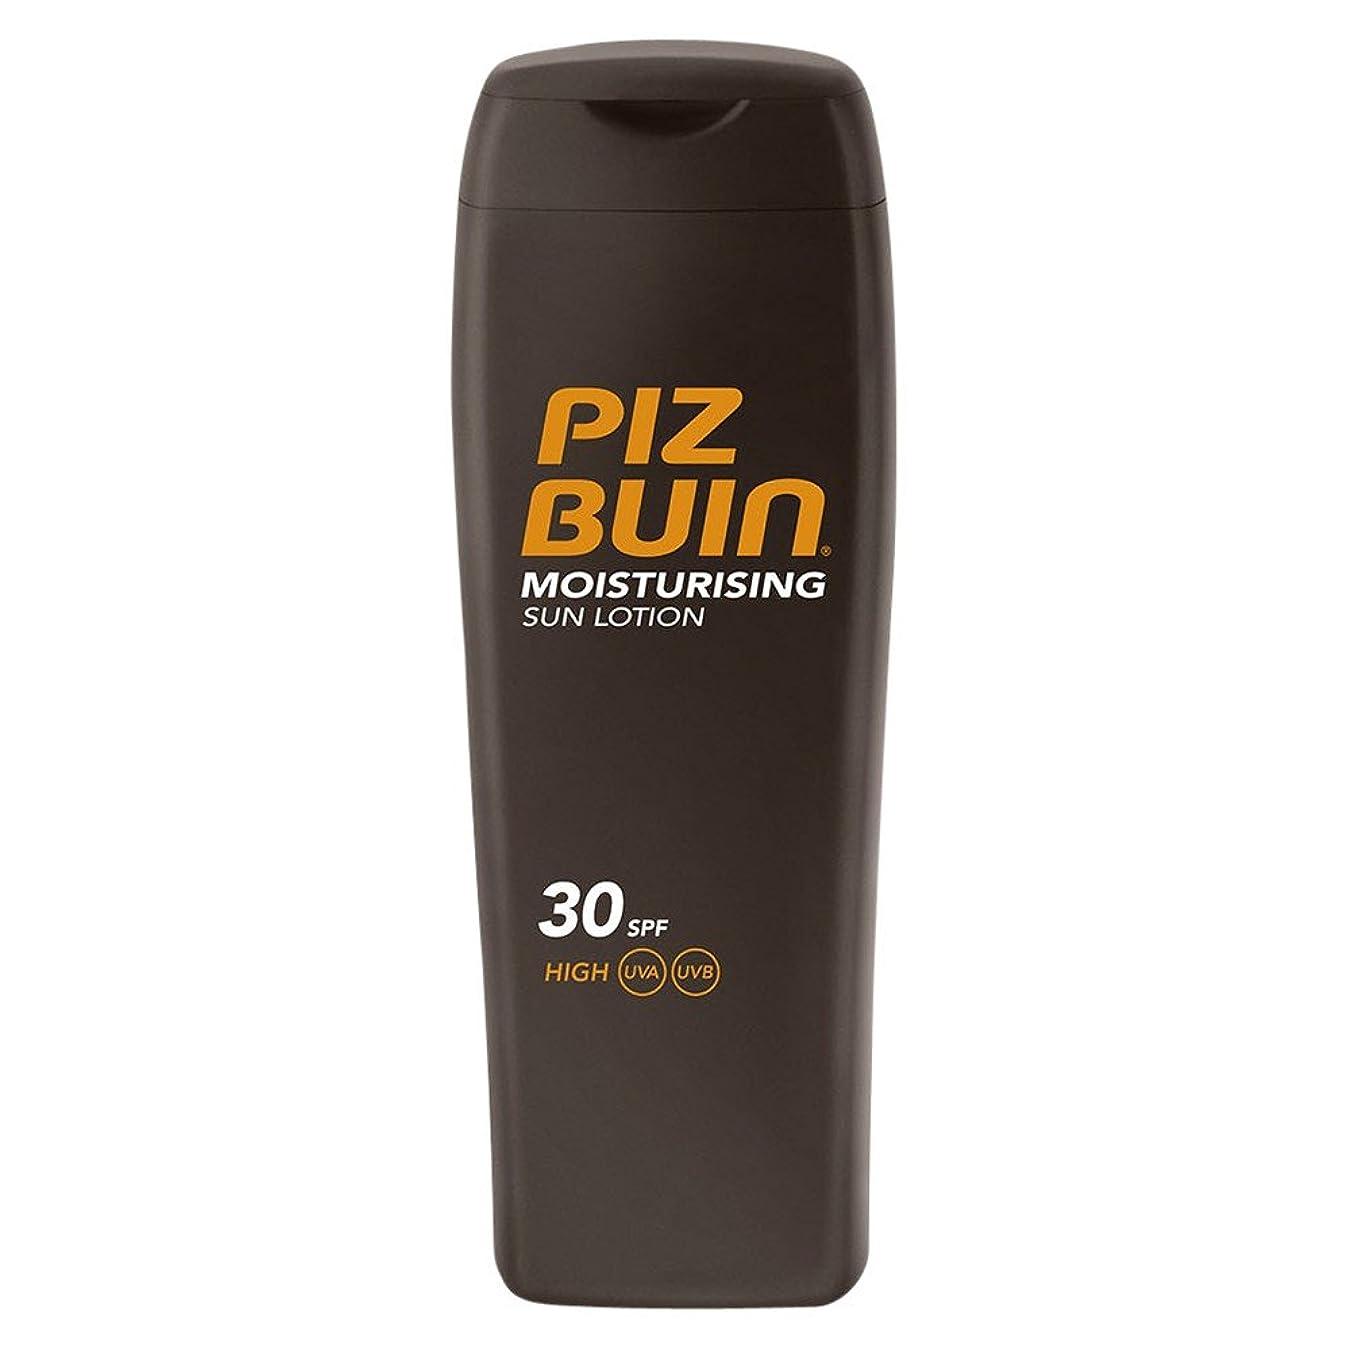 説教する接続シールドピッツブイン保湿Spf30日焼けローション200ミリリットル (Piz Buin) (x6) - Piz Buin Moisturising SPF30 Sun Lotion 200ml (Pack of 6) [並行輸入品]